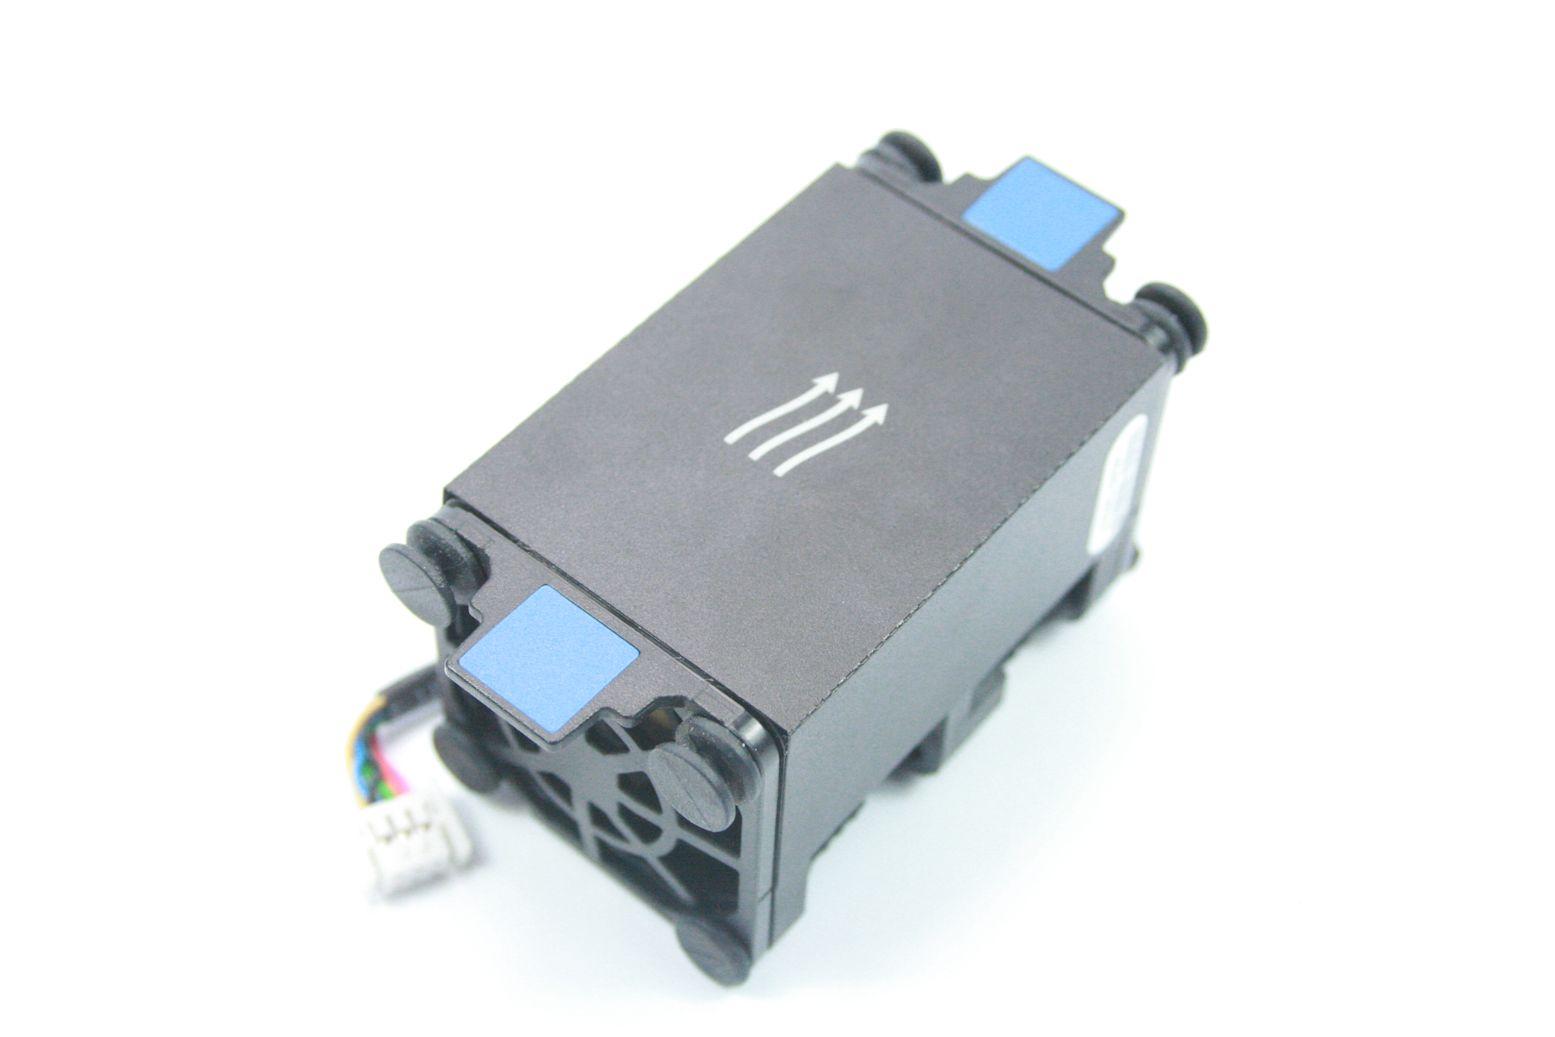 HP ProLiant DL320e G8 Lüfter Fan 675449-001 732638-001 686664-001